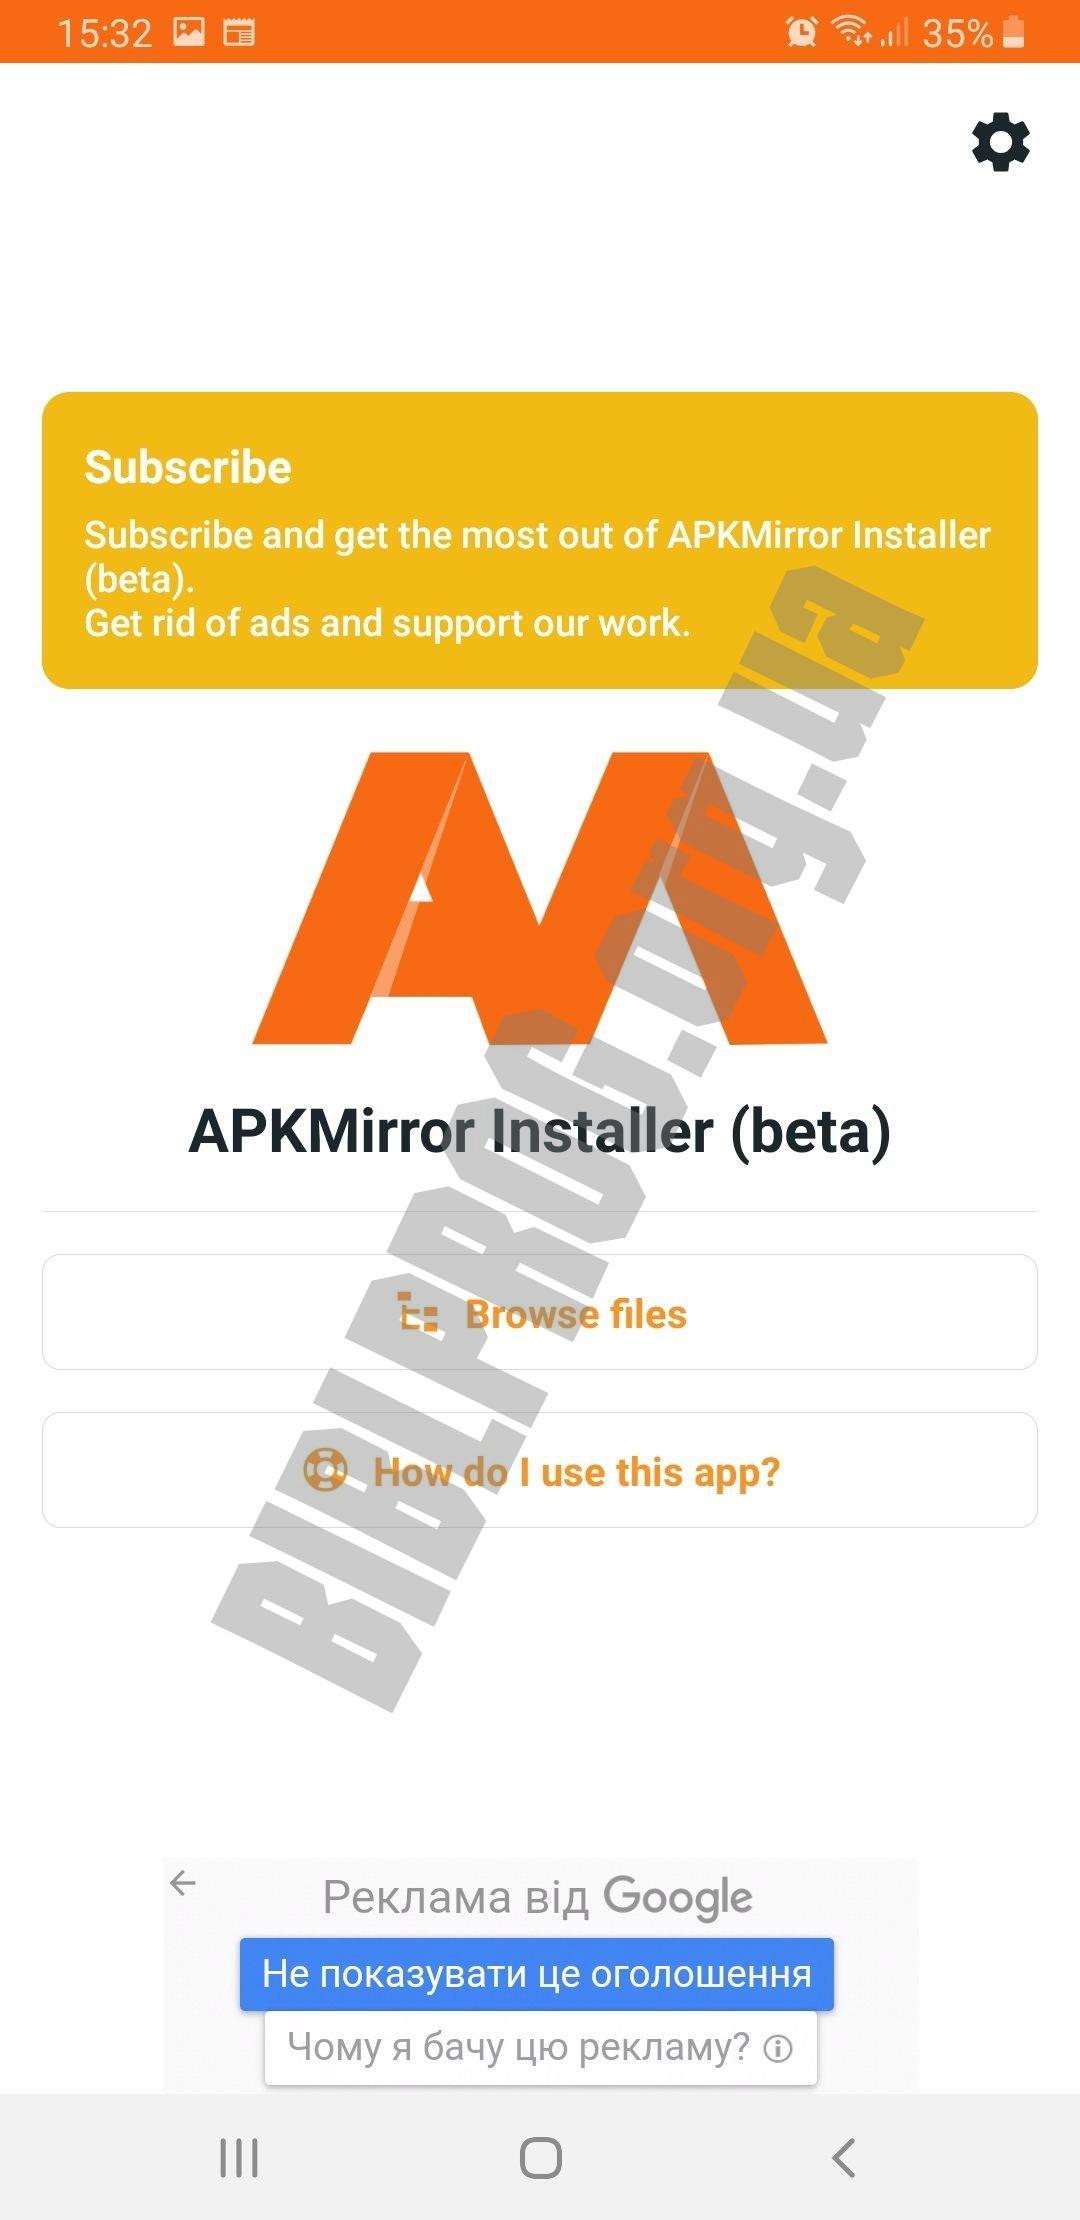 приложение apk installer